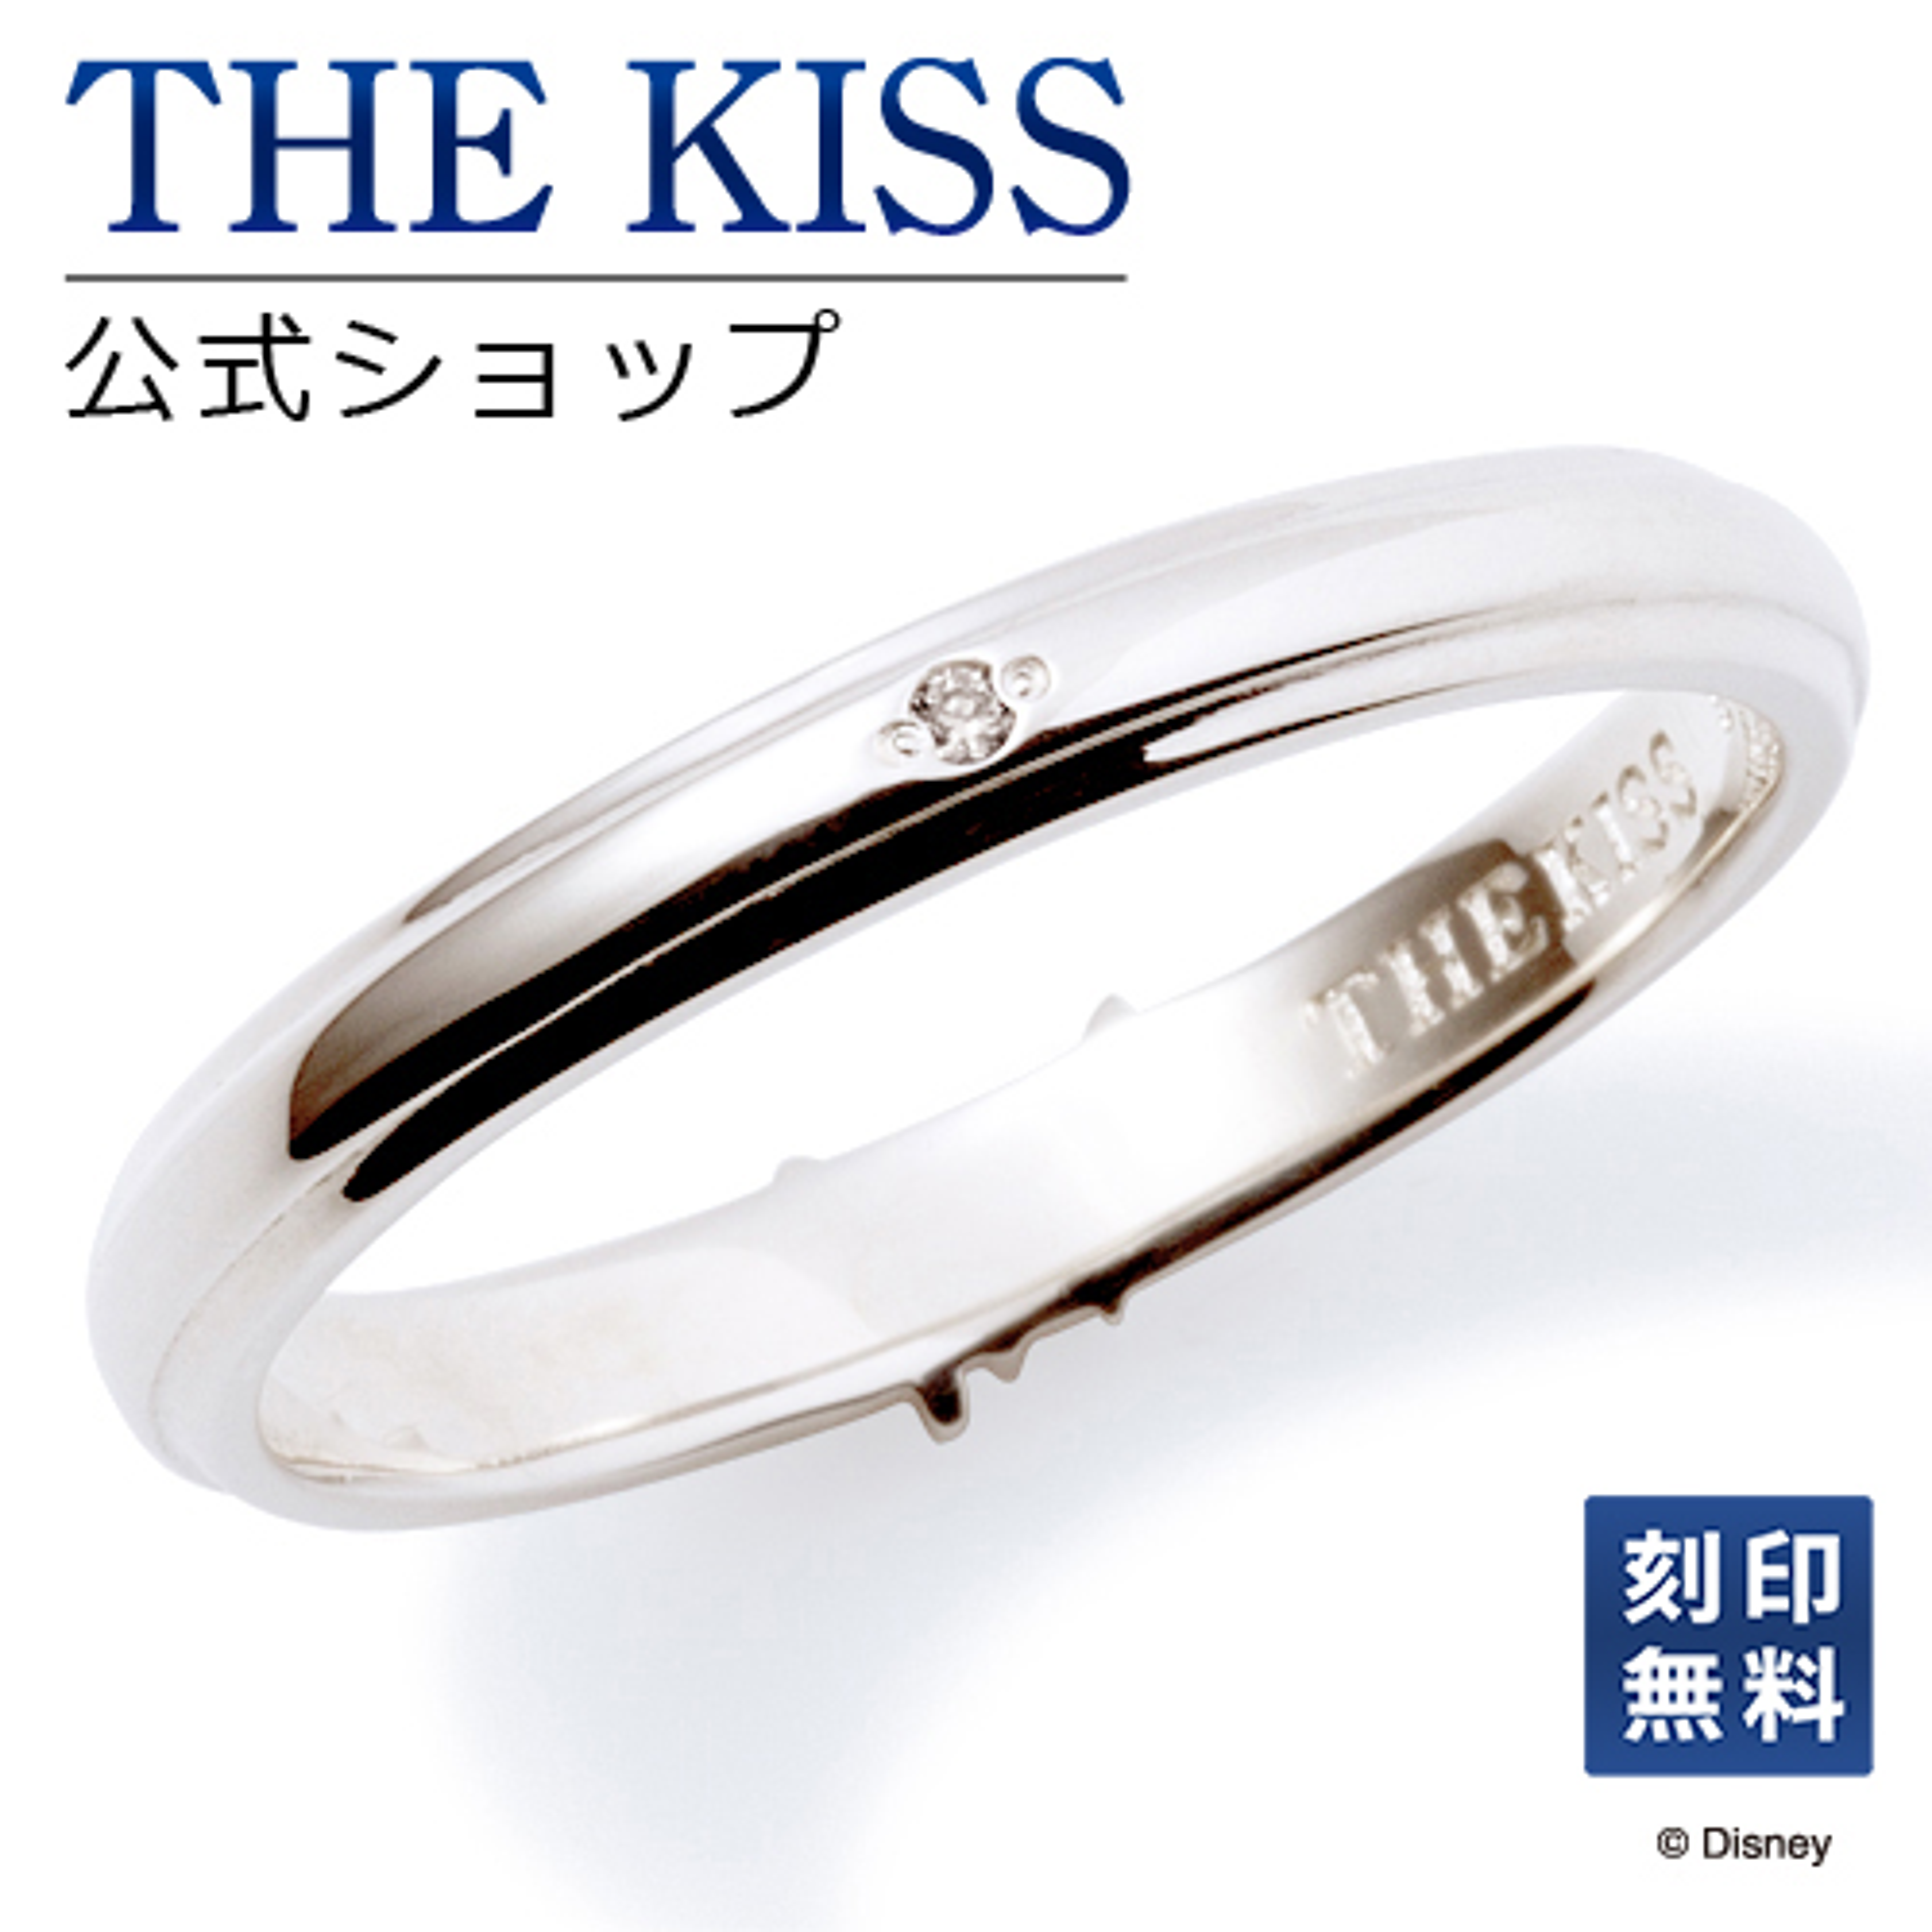 【あす楽対応】【ディズニーコレクション】 ディズニー / ペアリング / ミッキーマウス & ミニーマウス / THE KISS リング・指輪 シルバー (レディース 単品) DI-SR1814DM ザキス 【送料無料】